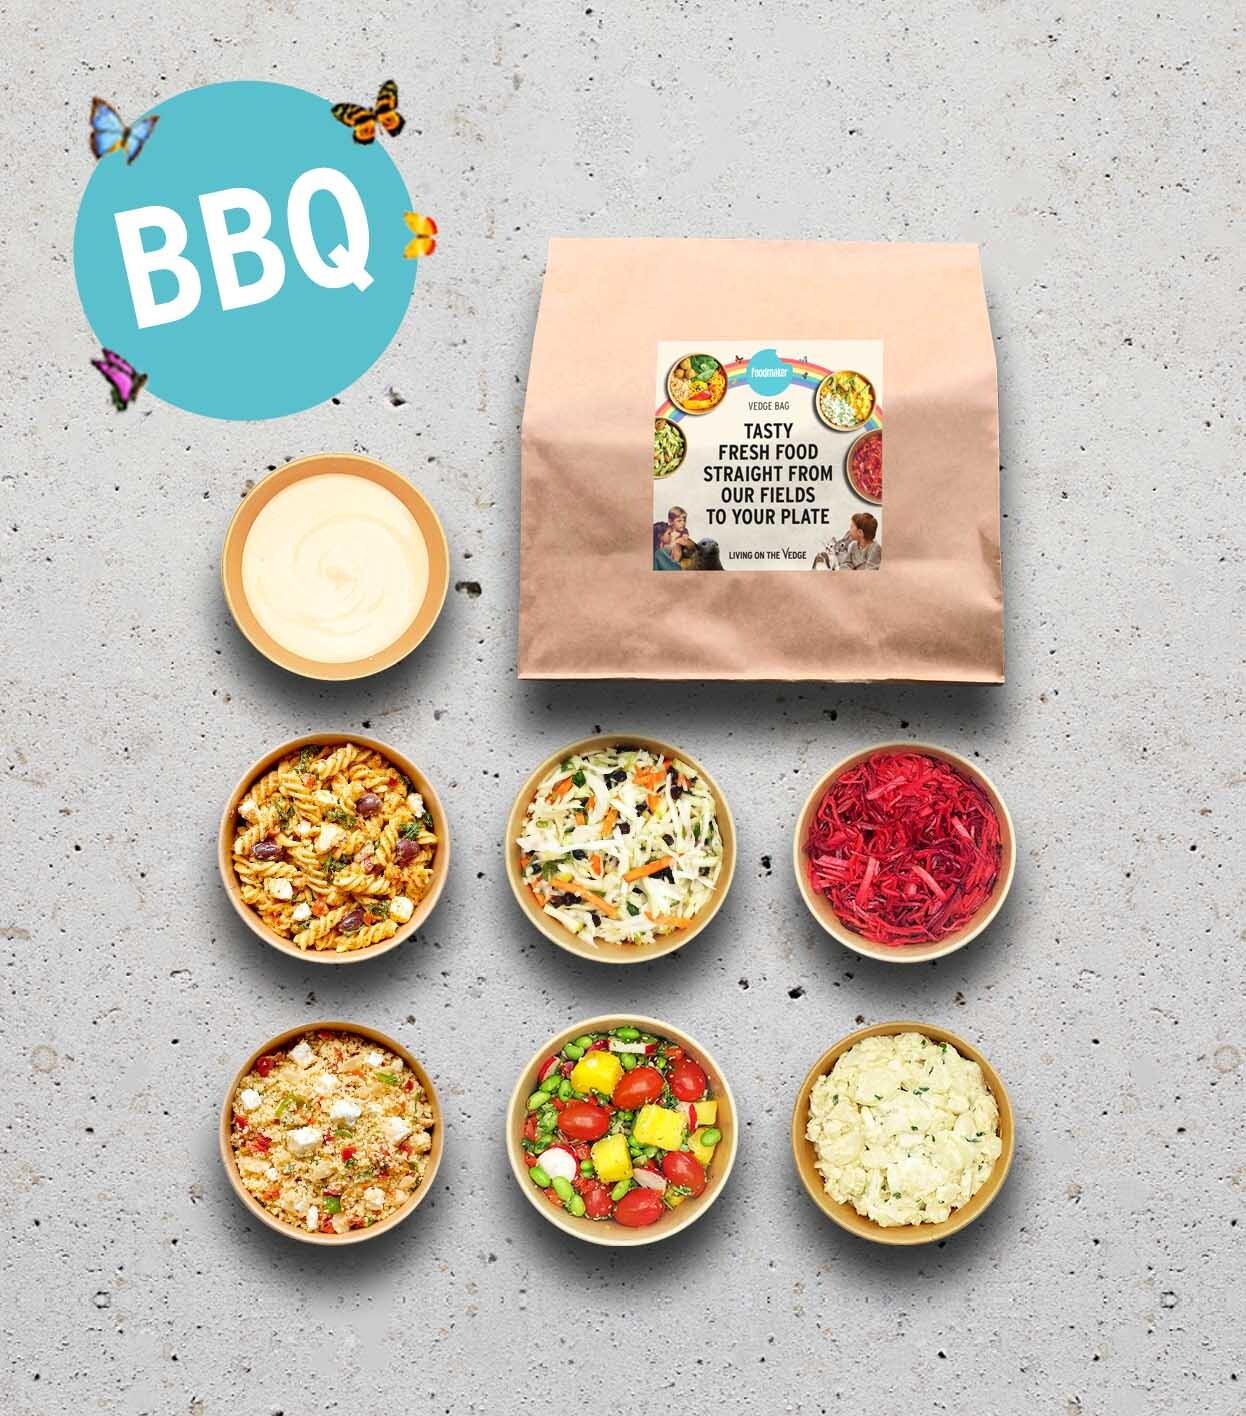 gezonde salades BBQ in meeneemverpakking